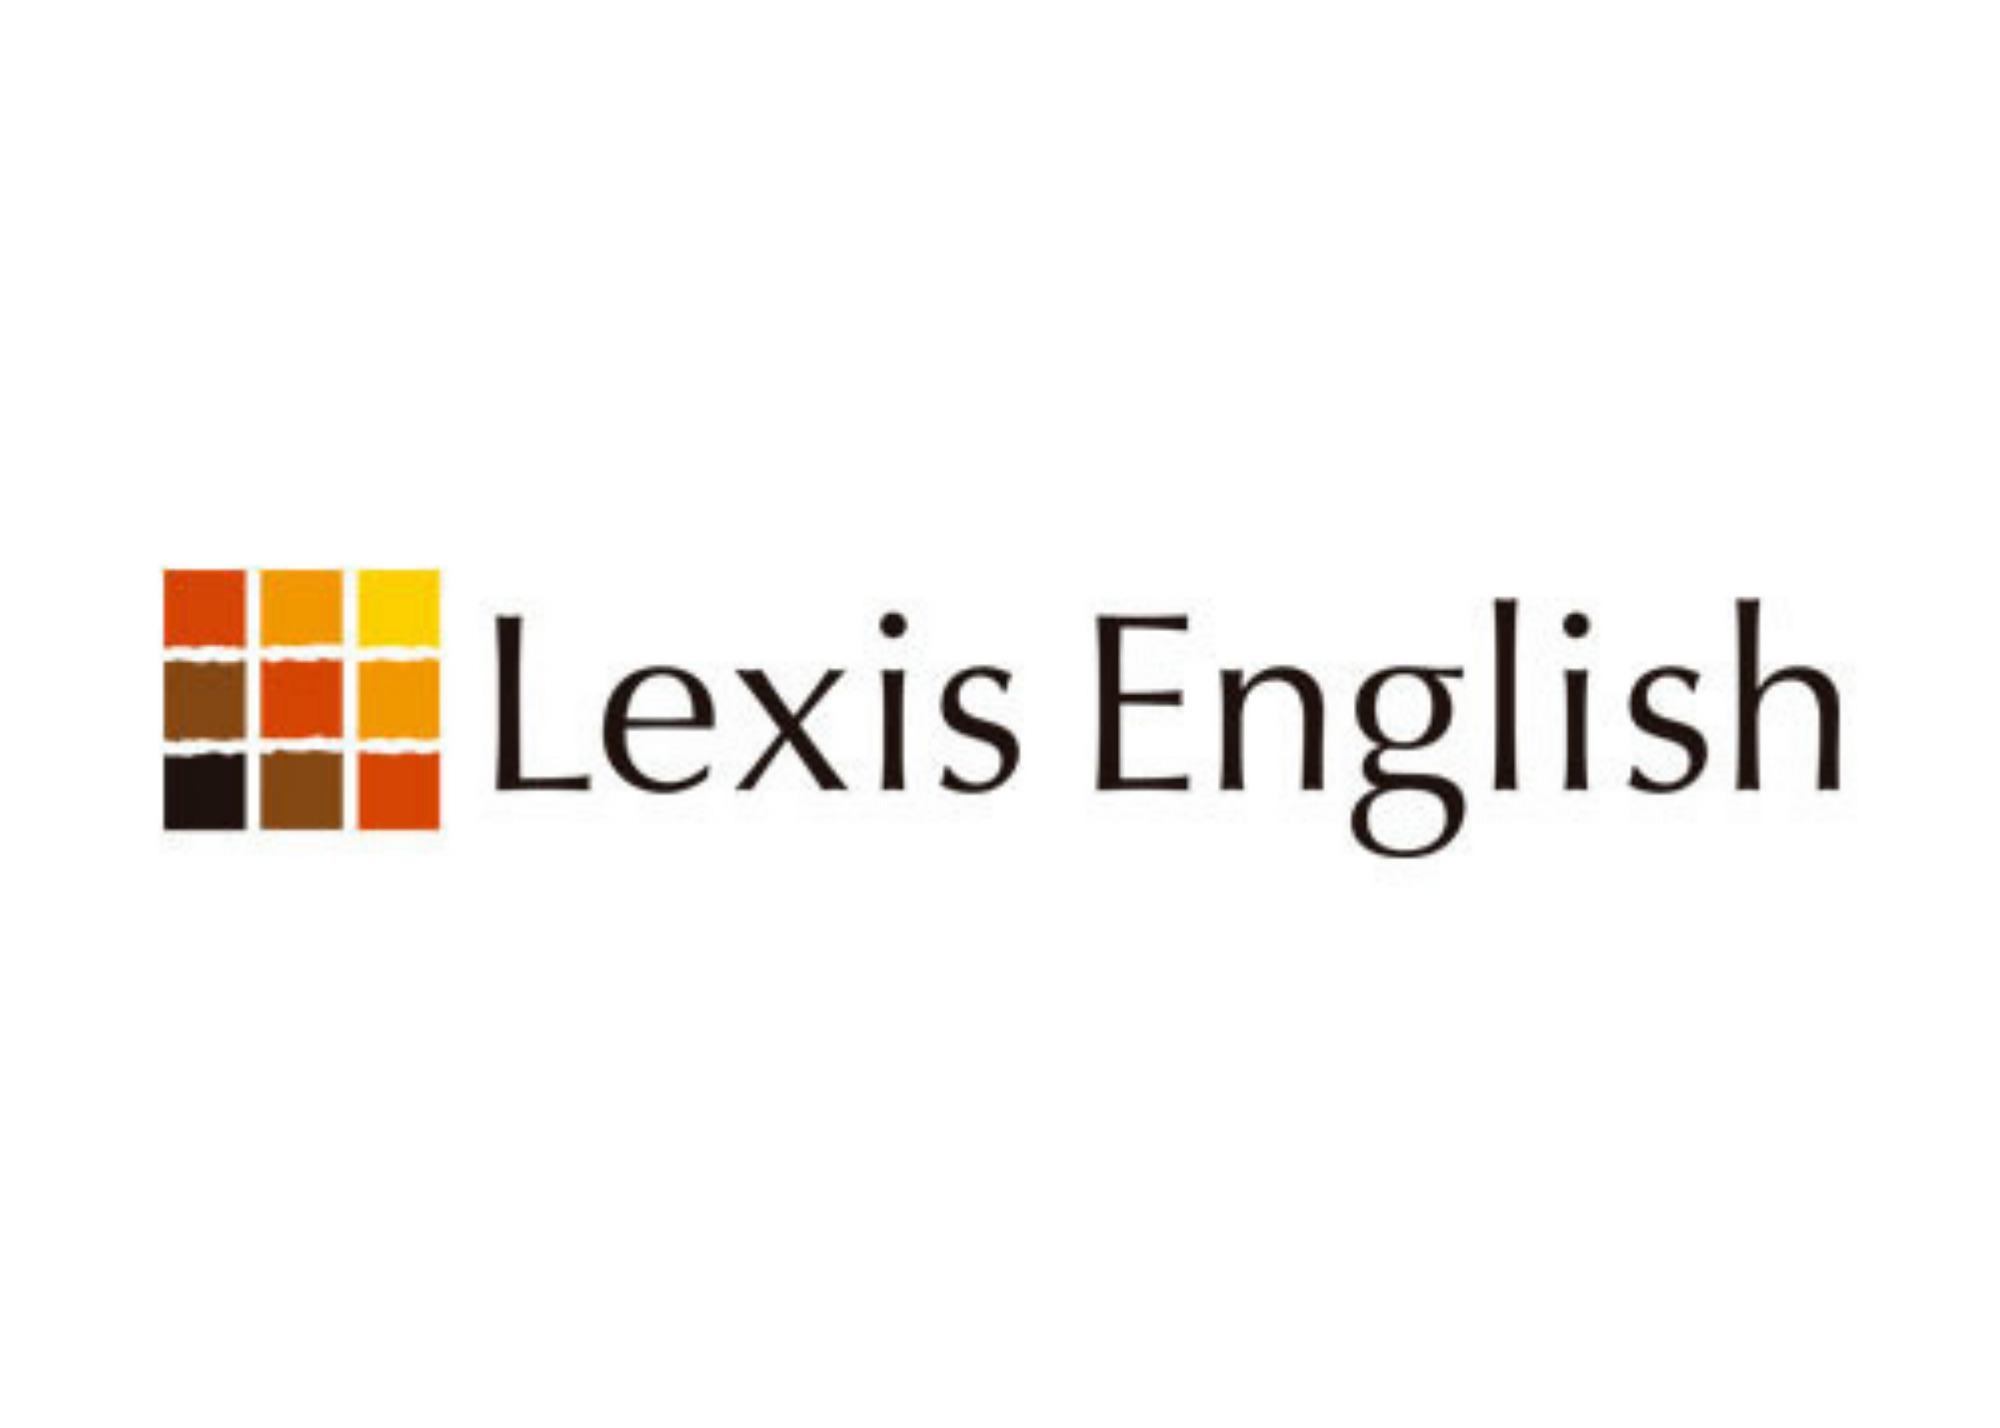 เรียนภาษาอังกฤษในออสเตรเลีย